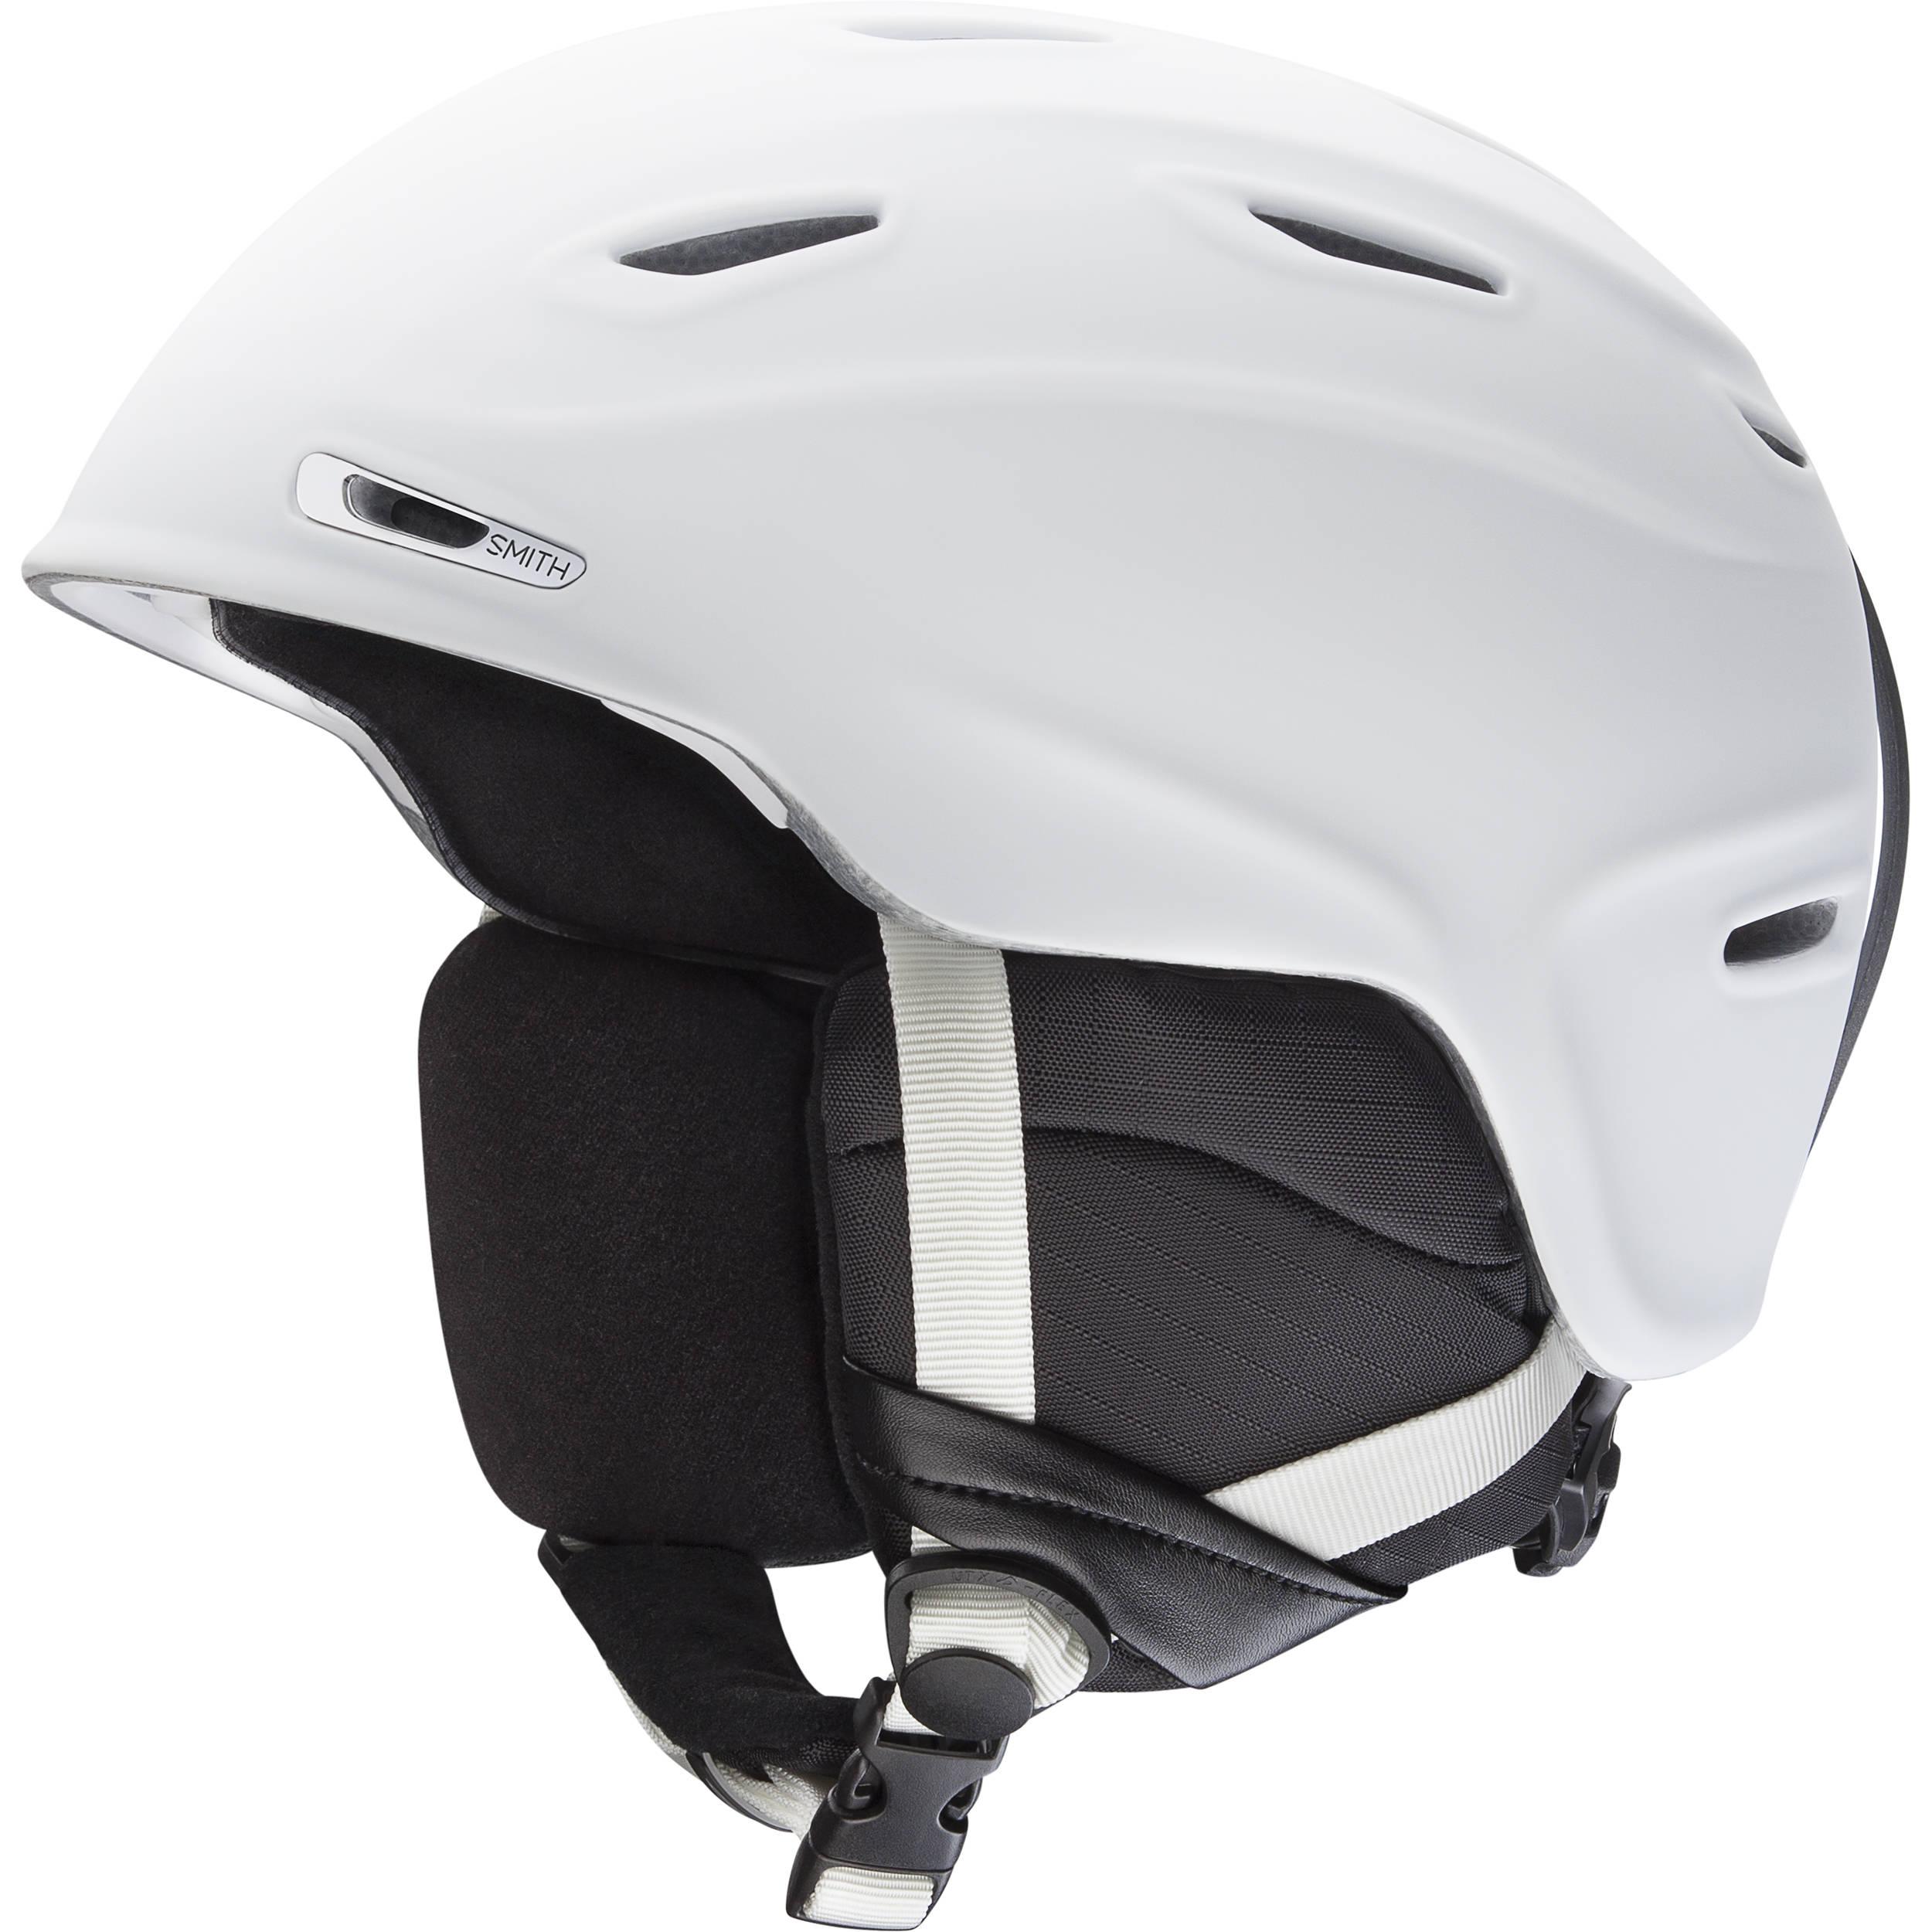 177f182f87 Smith Optics Aspect Snow Helmet (Matte White